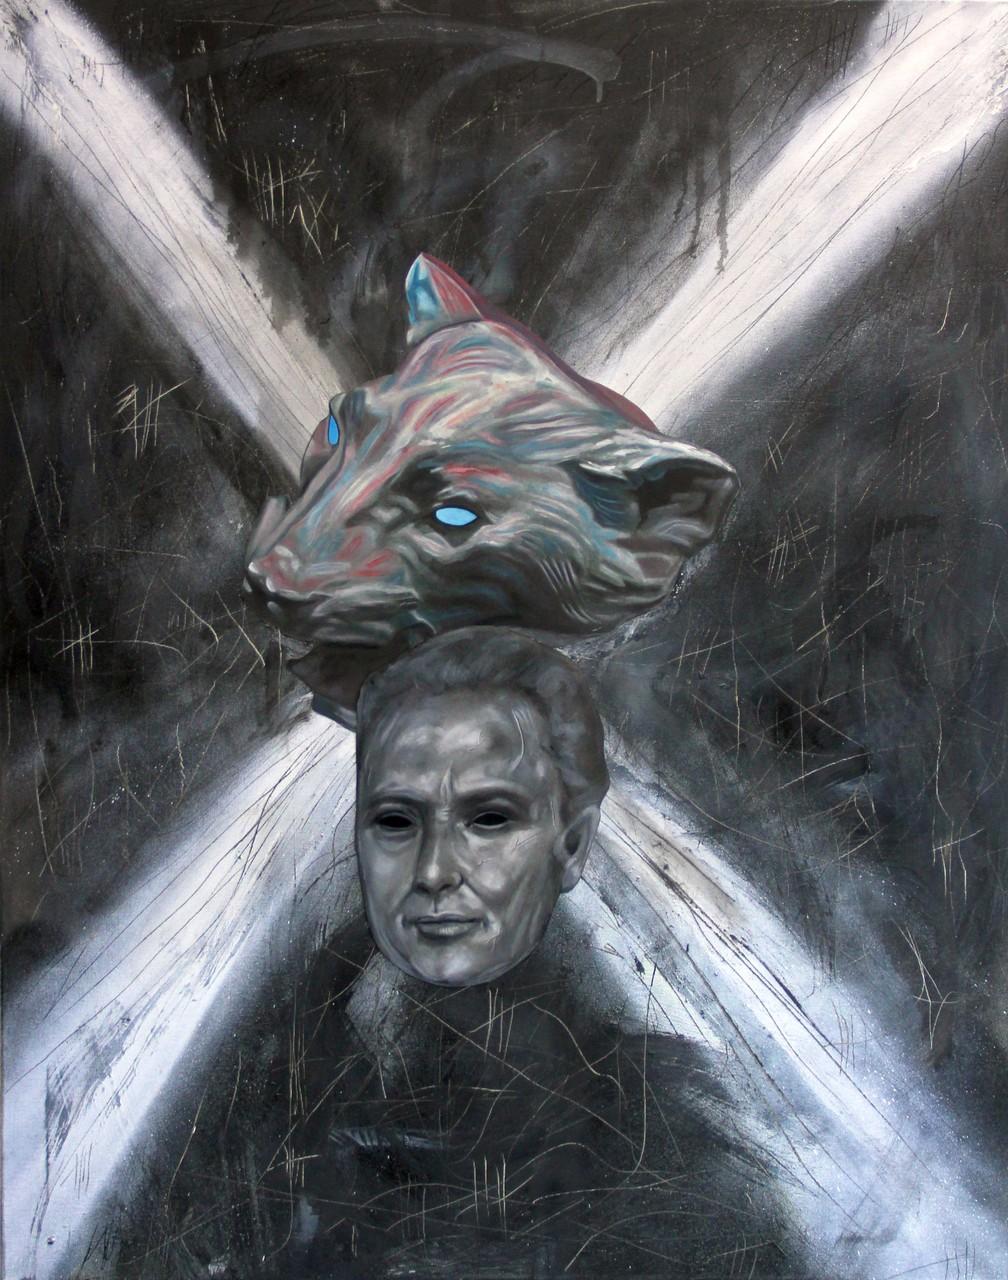 """""""X (Abgrund ohne Grund)"""", Bleistift, Kohle, Öl auf Papier, Sprühlack, Öl auf Leinwand, 100x80cm, 2016"""